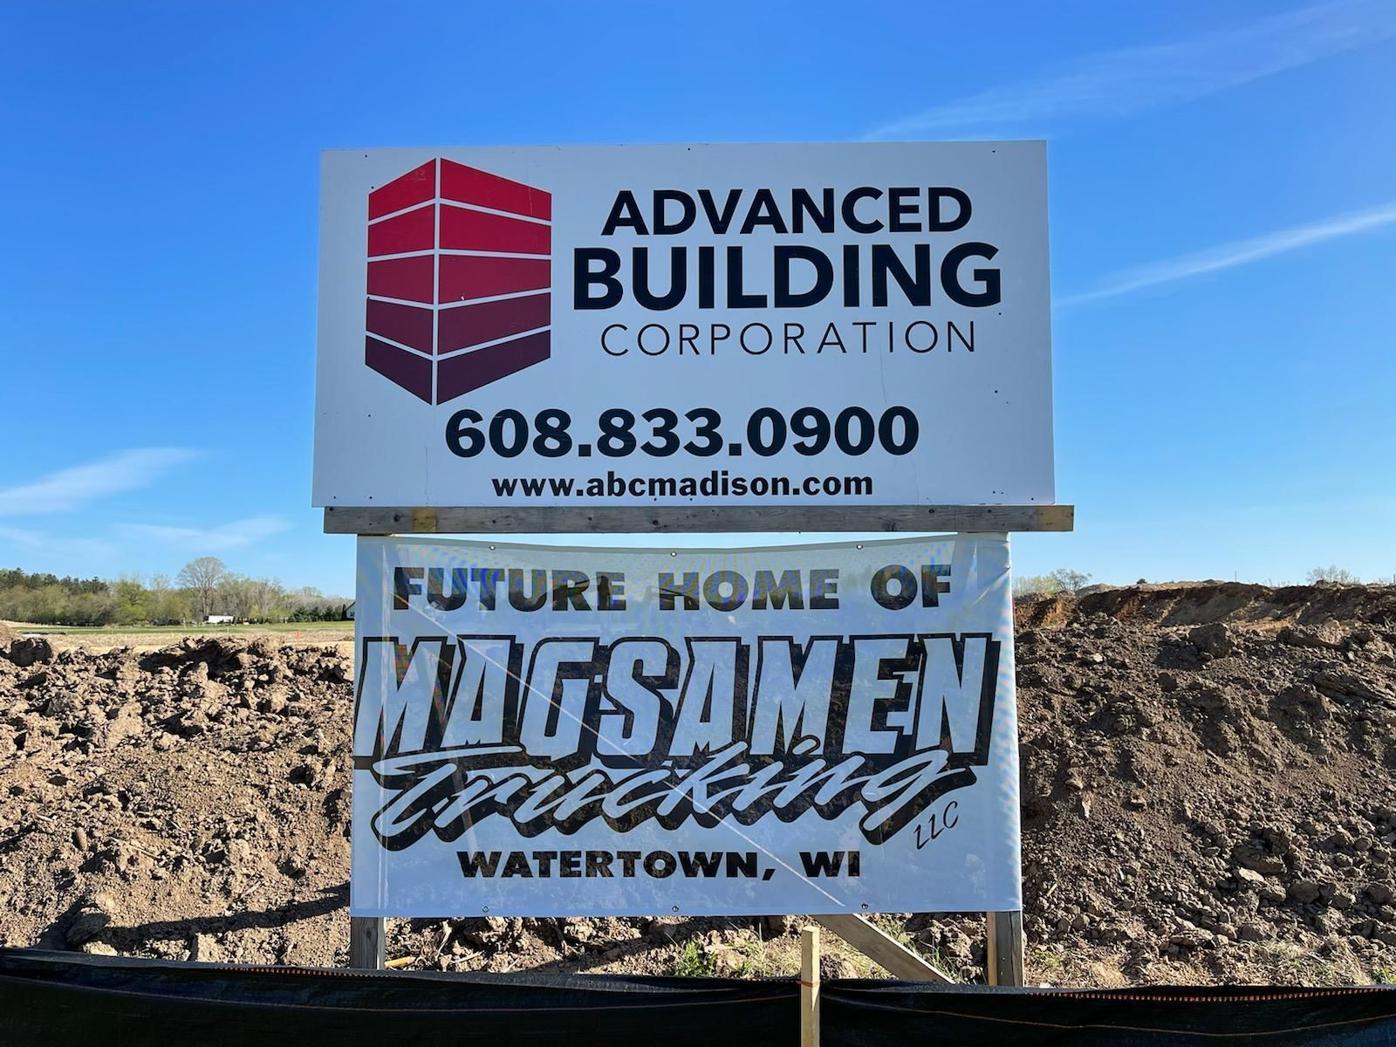 Magsamen Trucking breaks ground